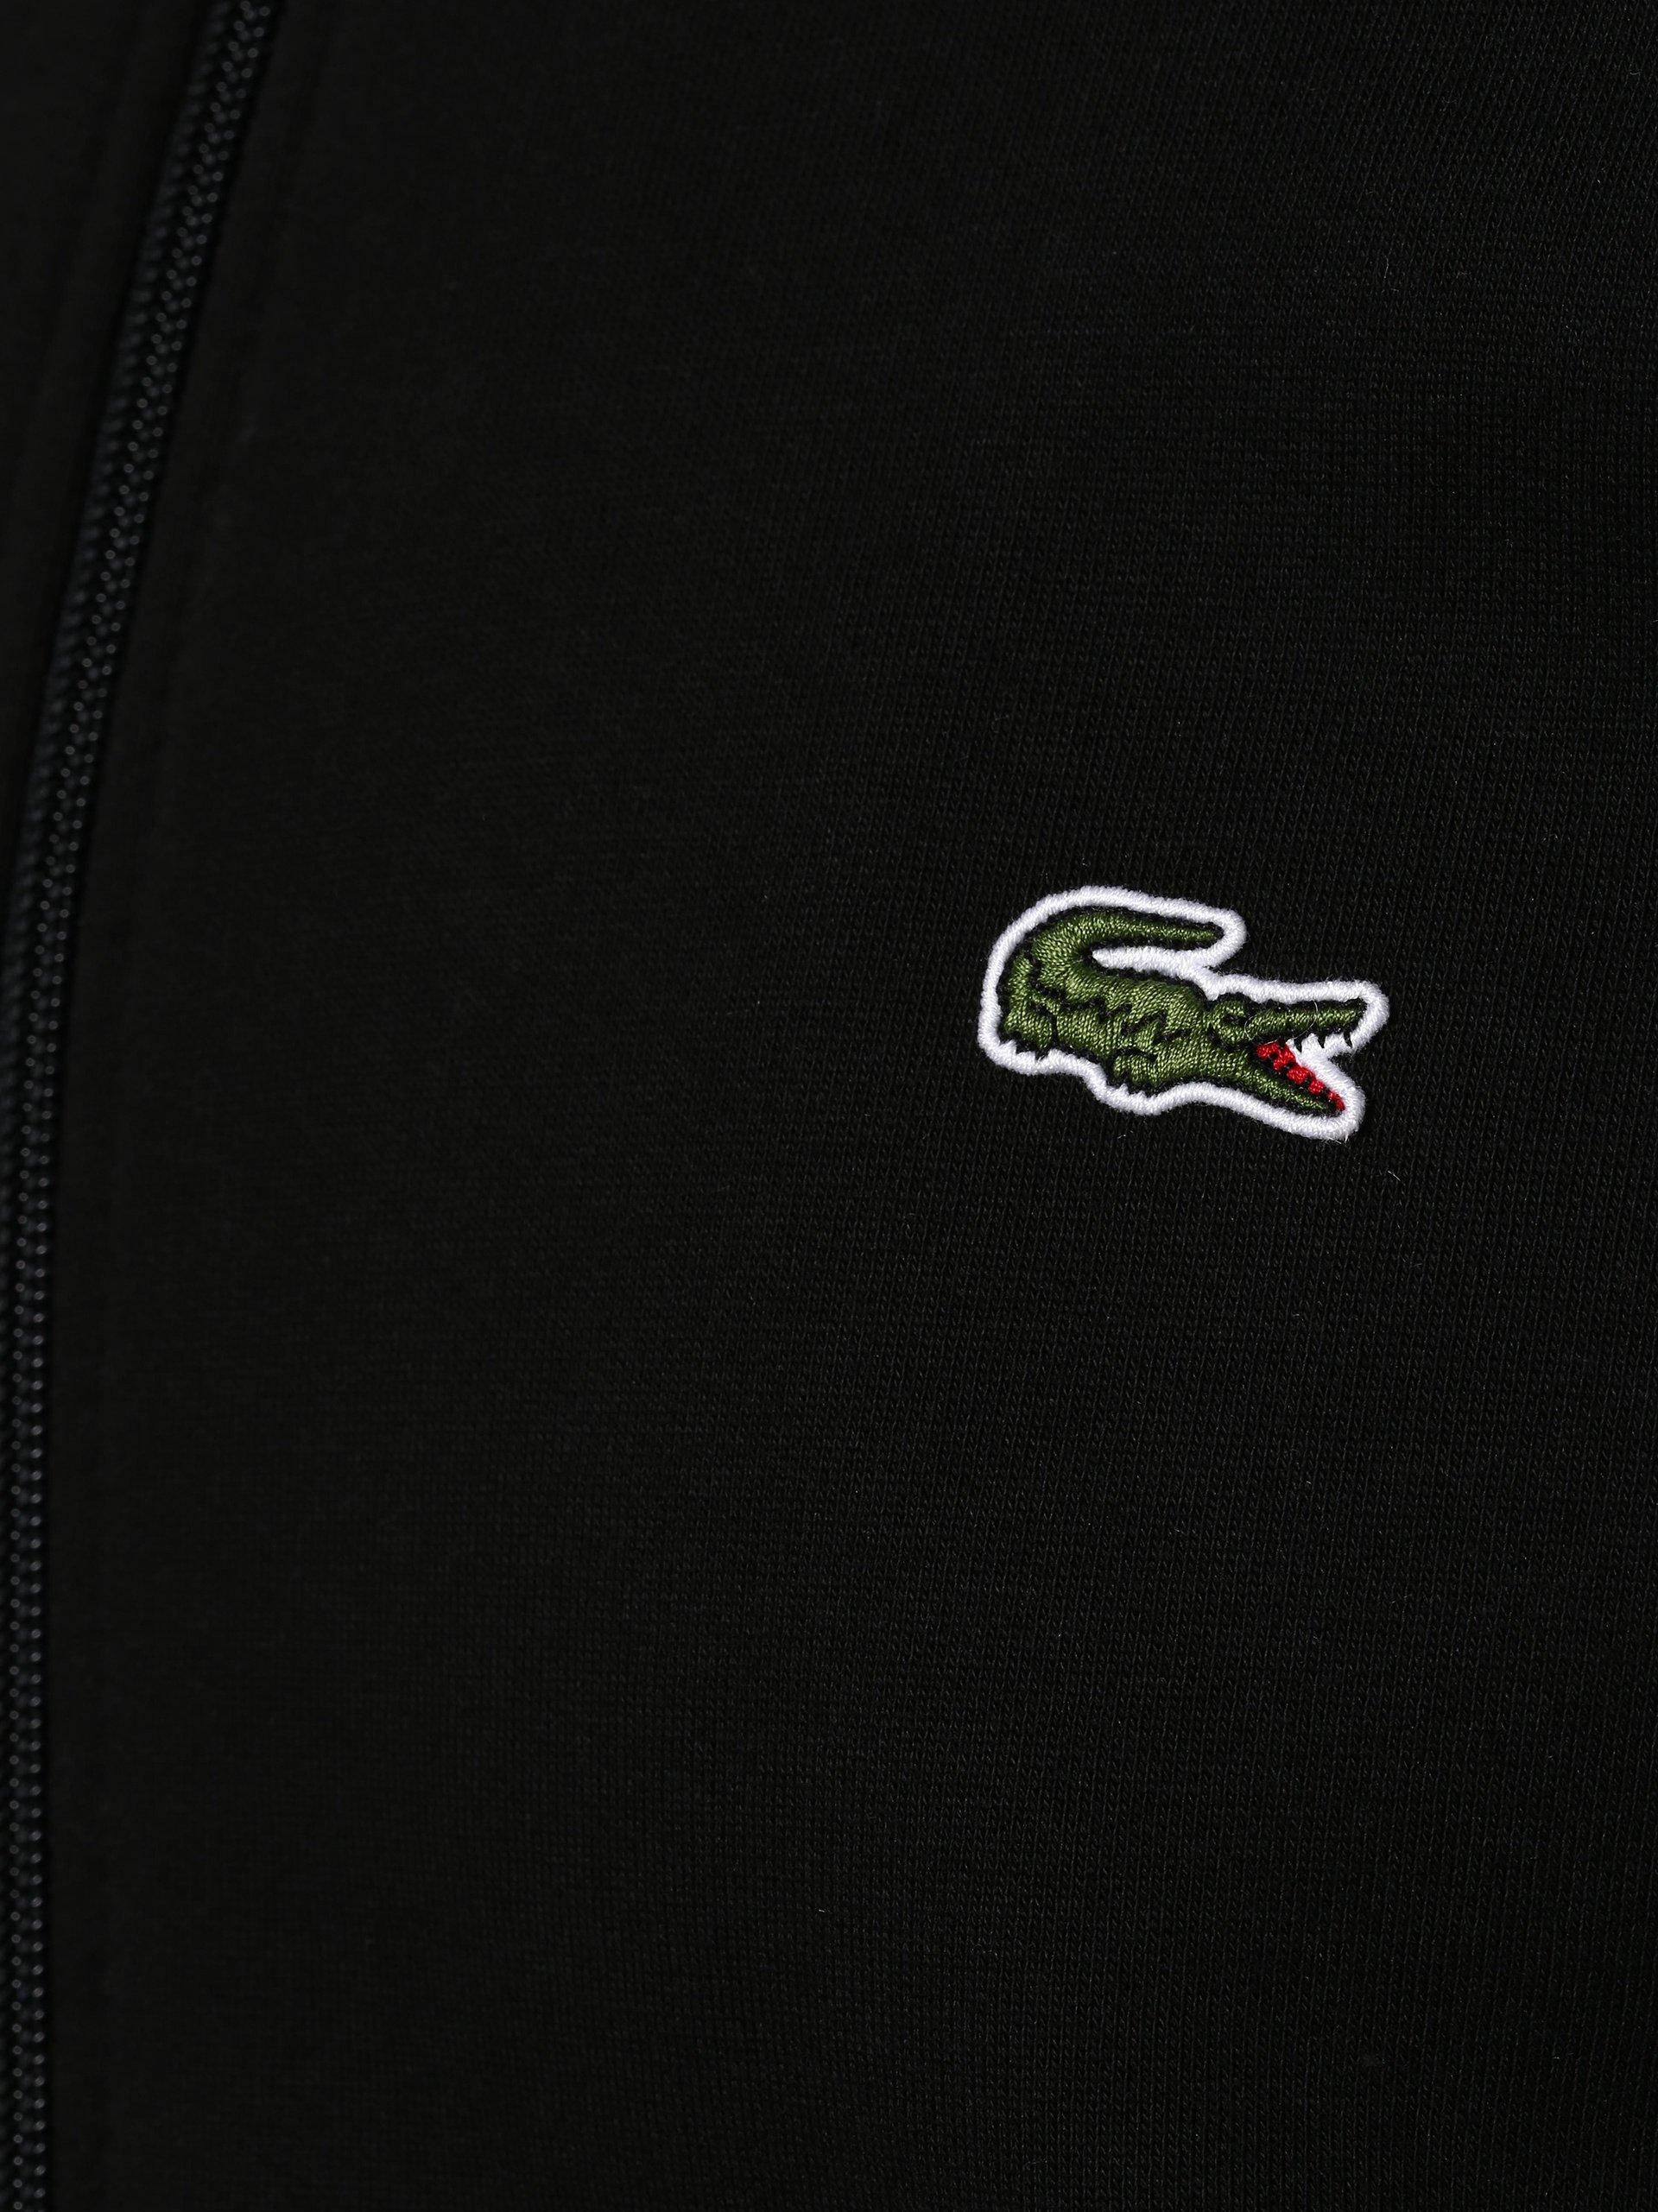 Lacoste Herren Sportswear Sweatjacke